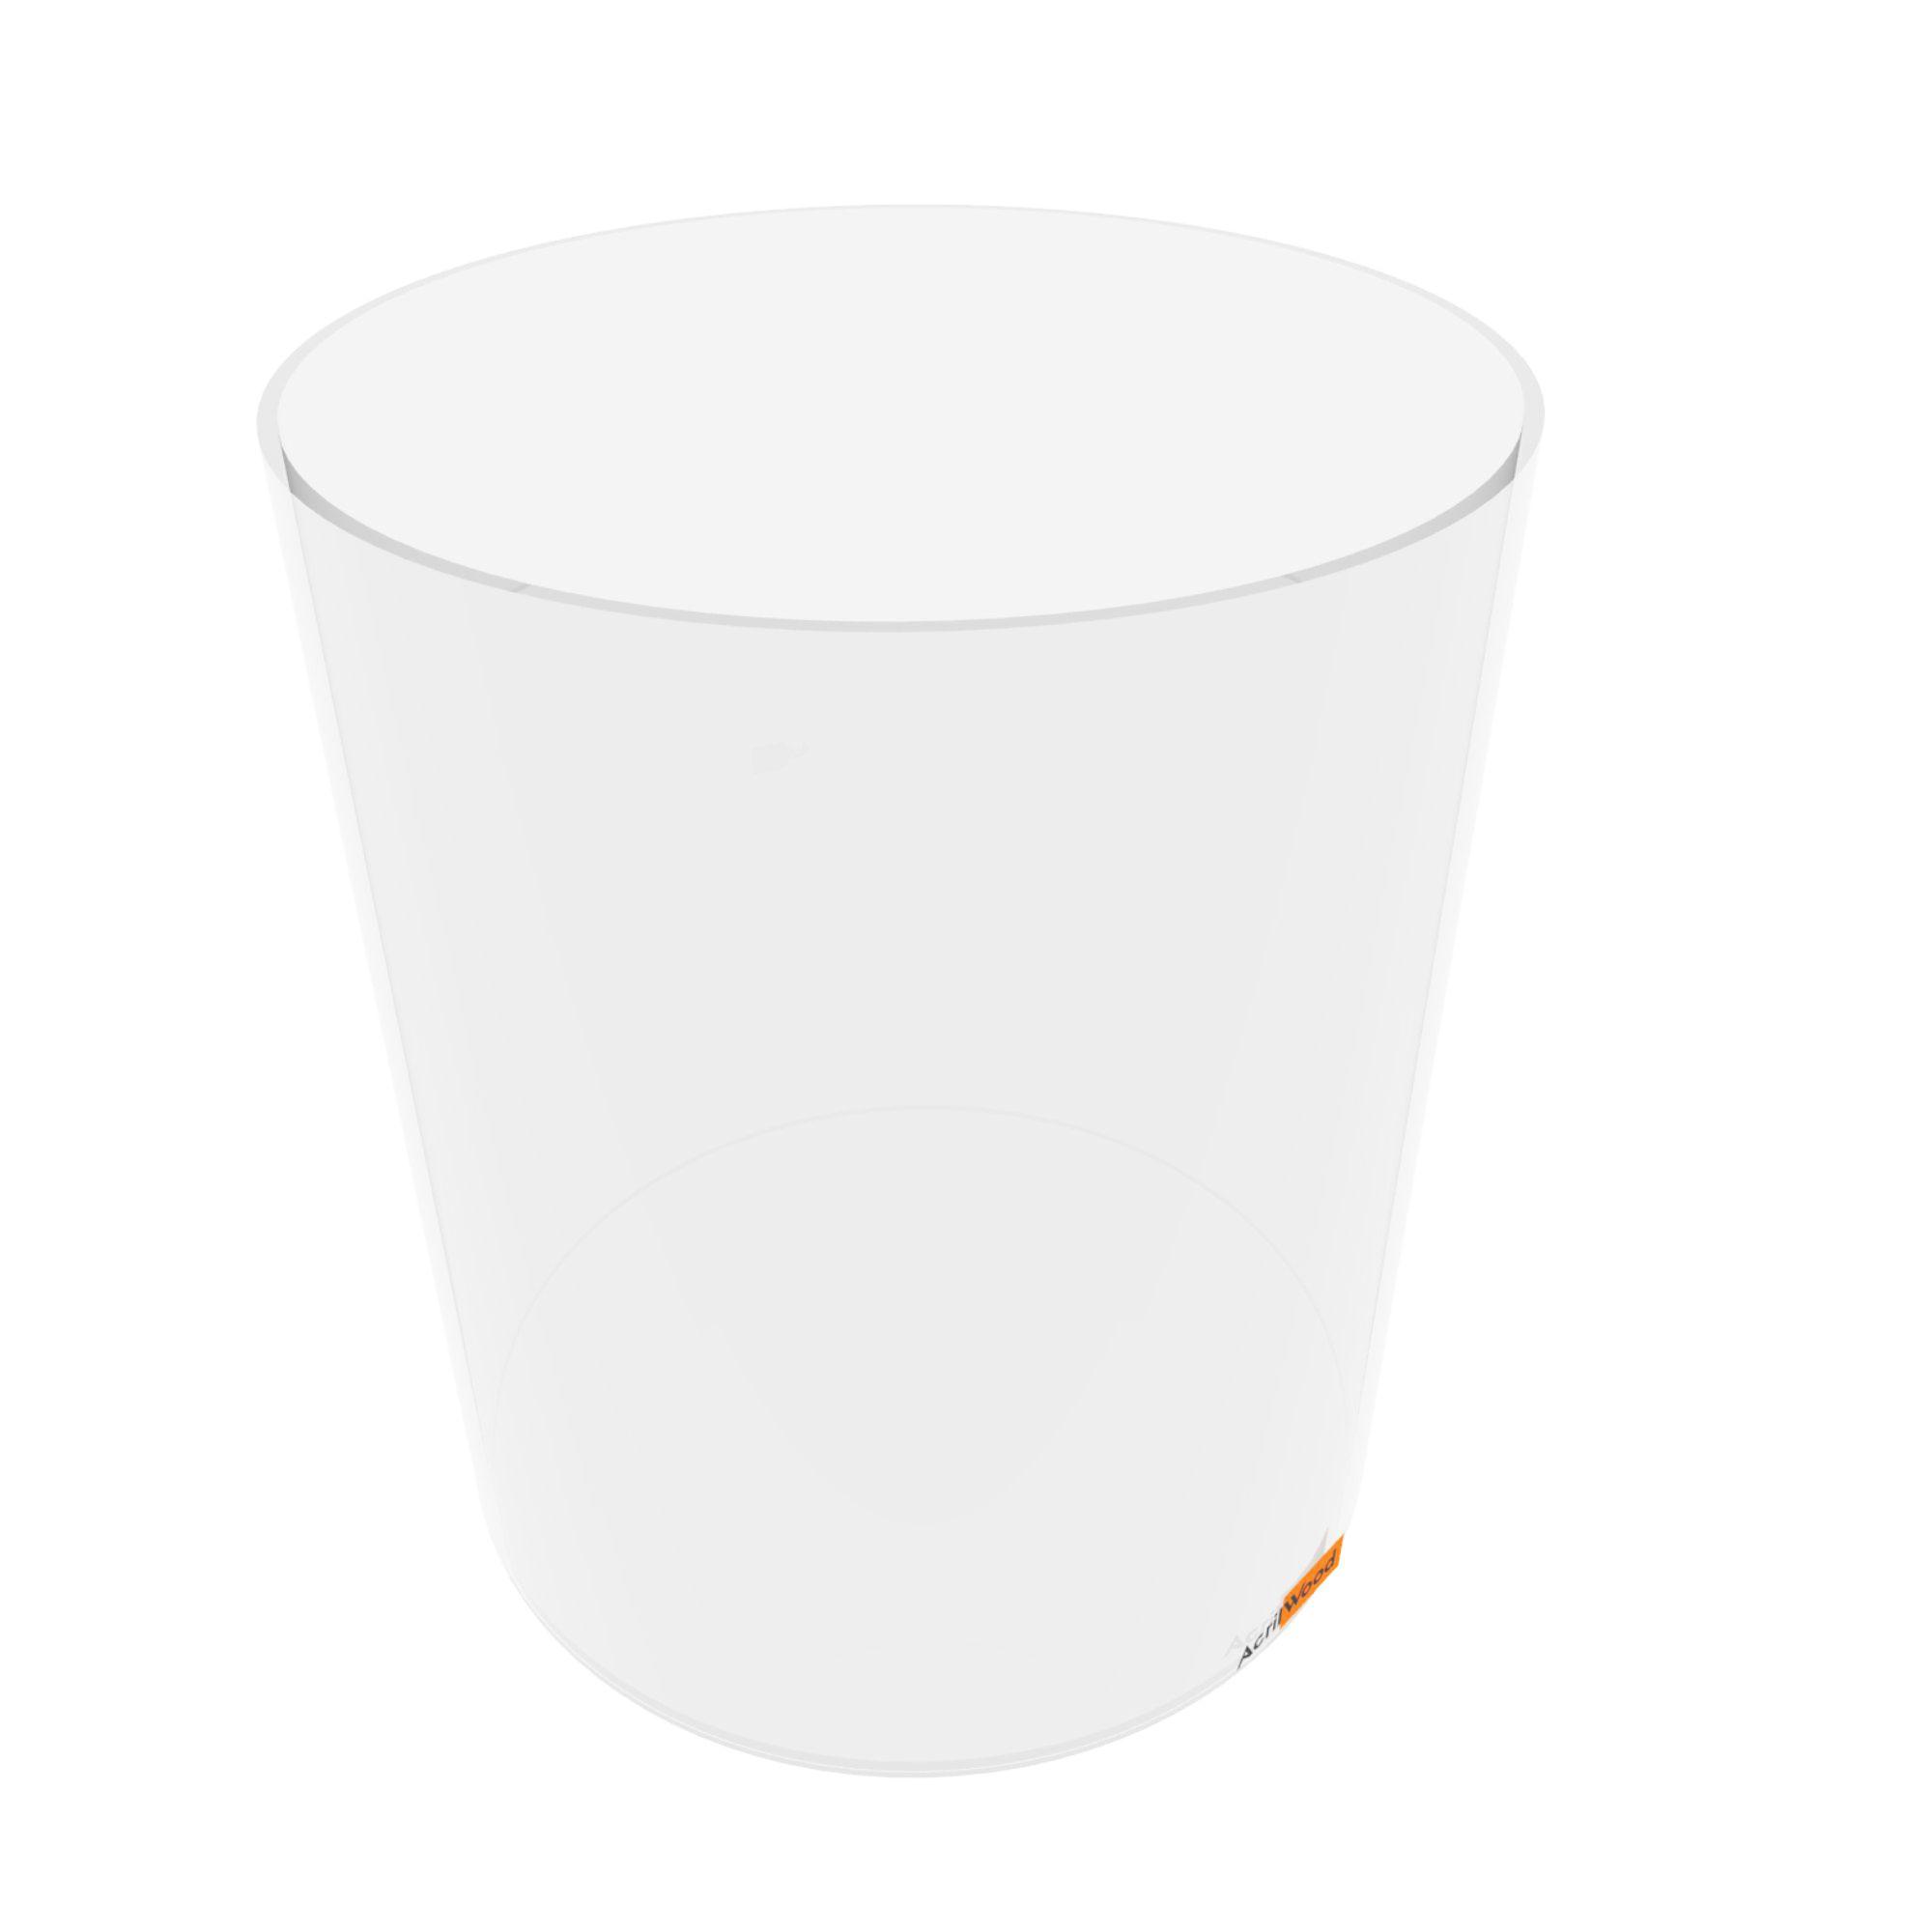 Caixa Redonda Em Acrílico Cristal - 25x30cm